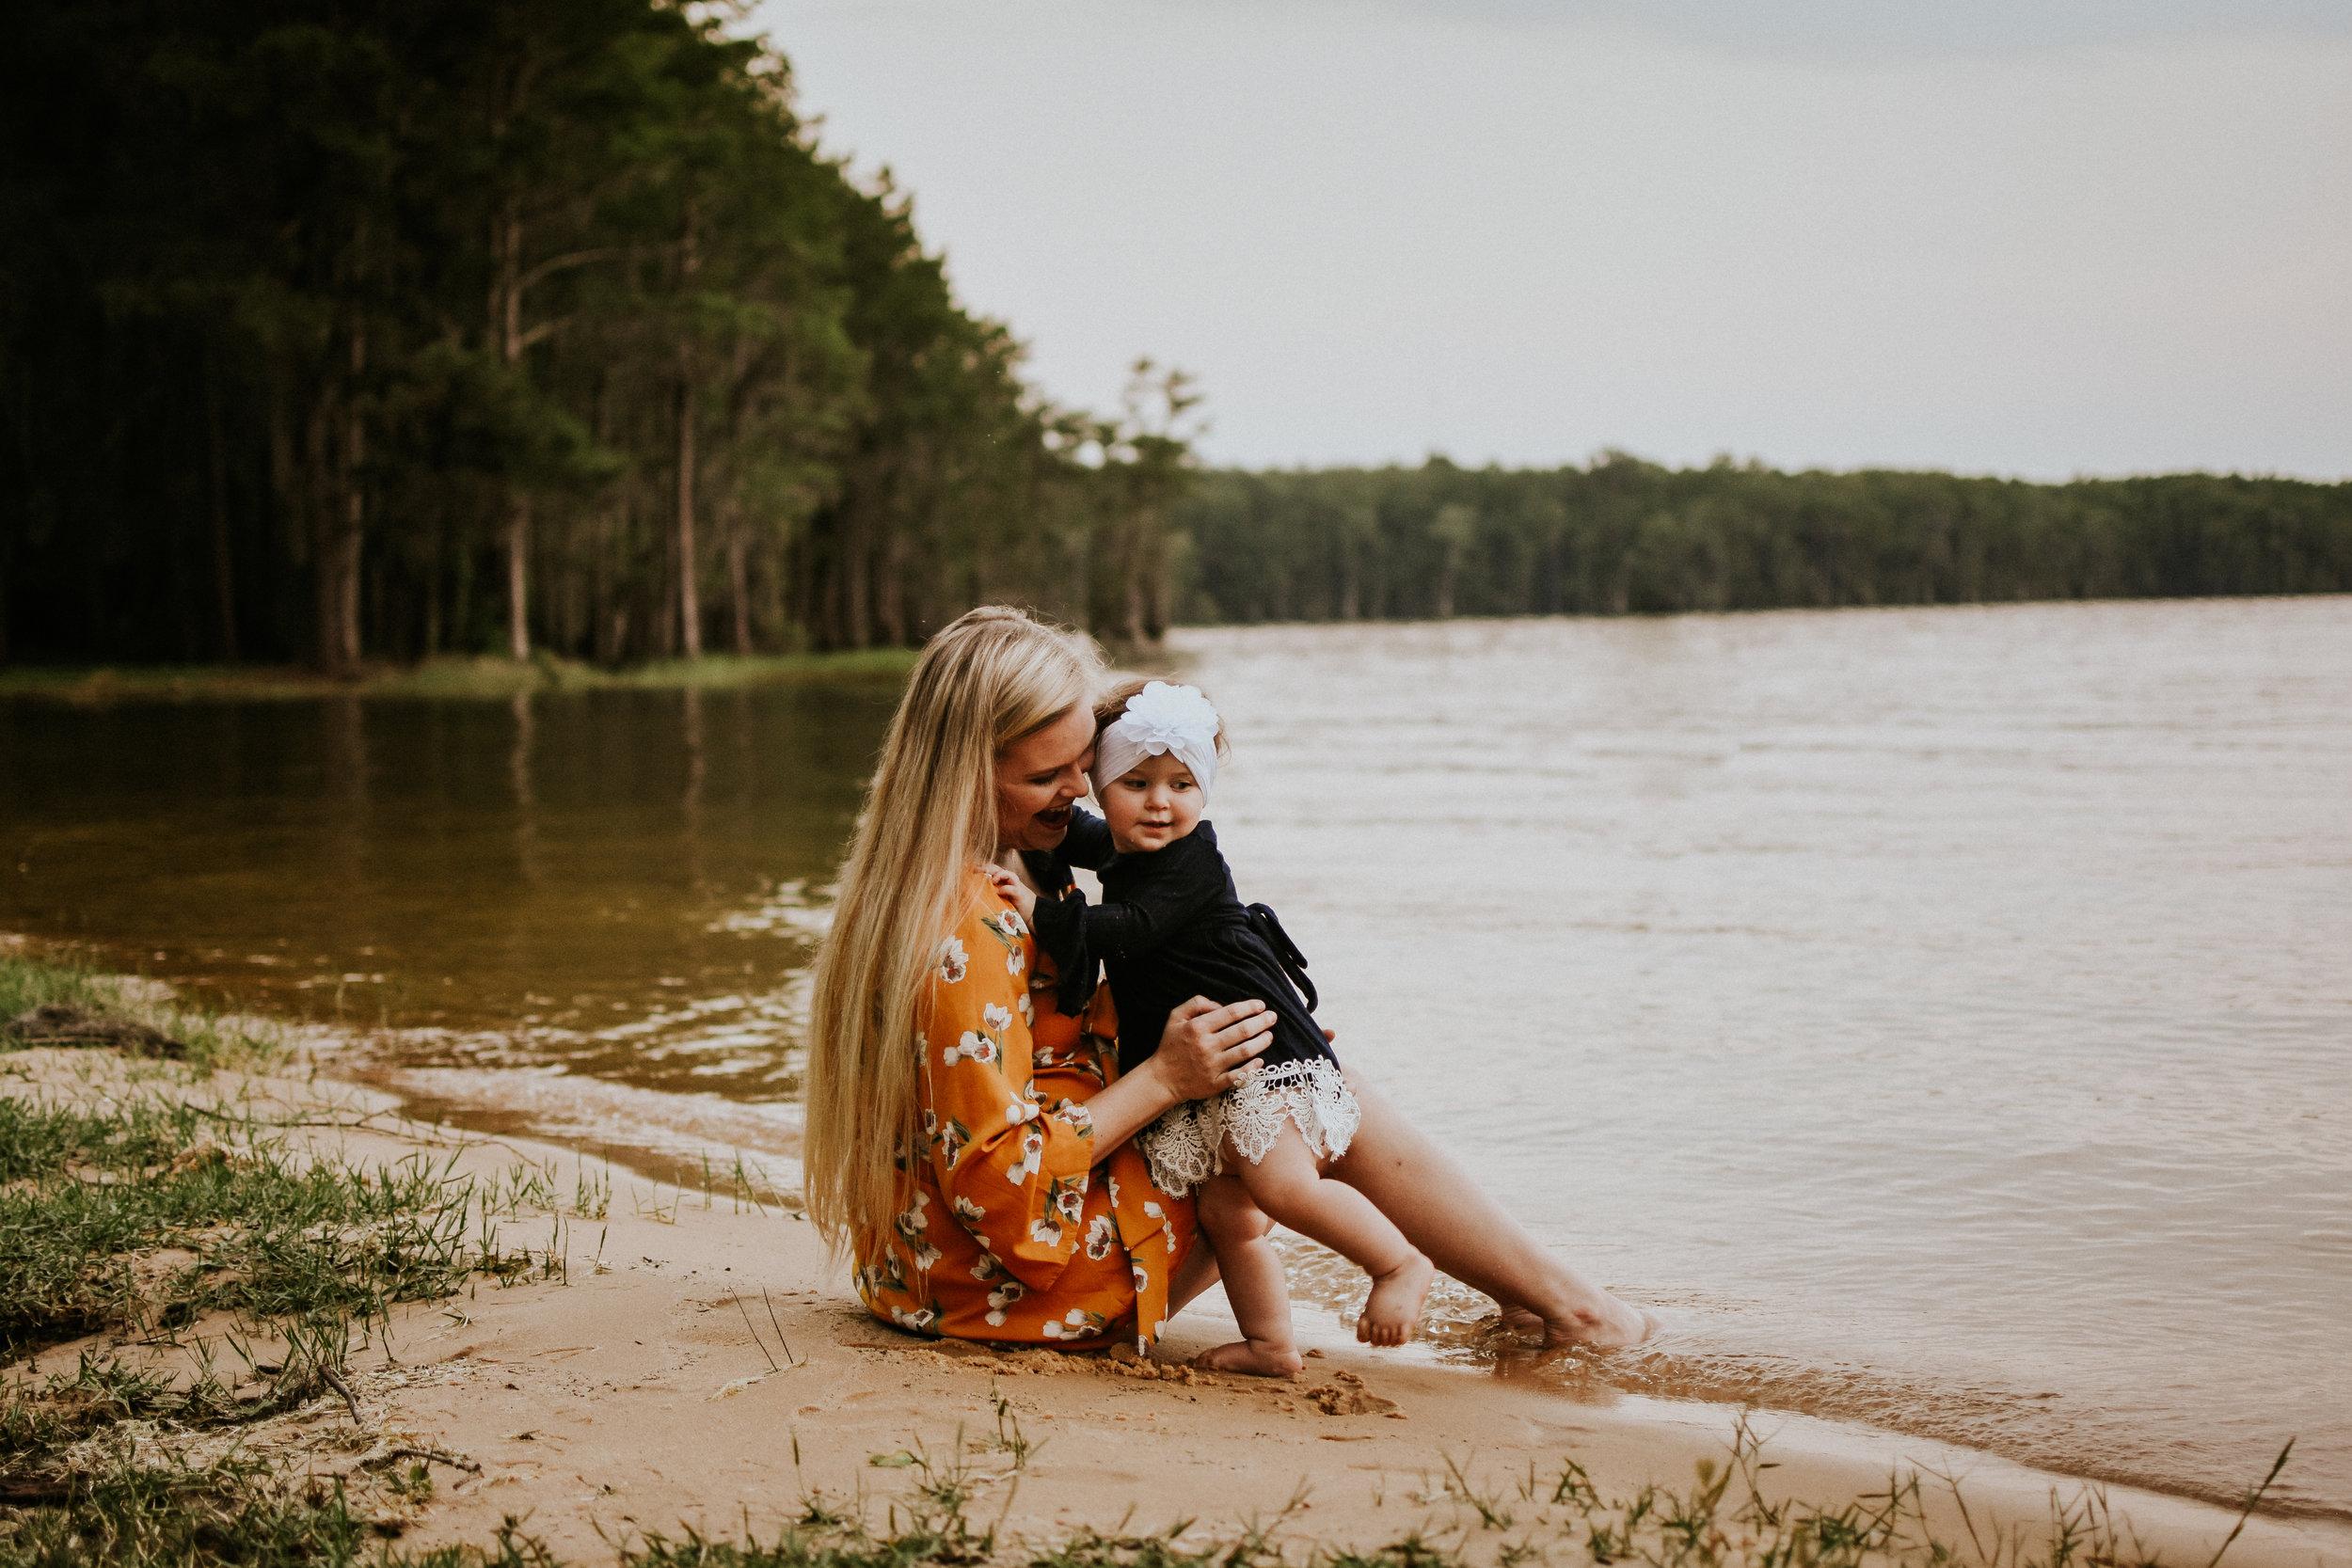 CrestviewFloridaLifestylePhotographer-MommyandMeSession-LakeJackson-FloralaAlabama-32.jpg